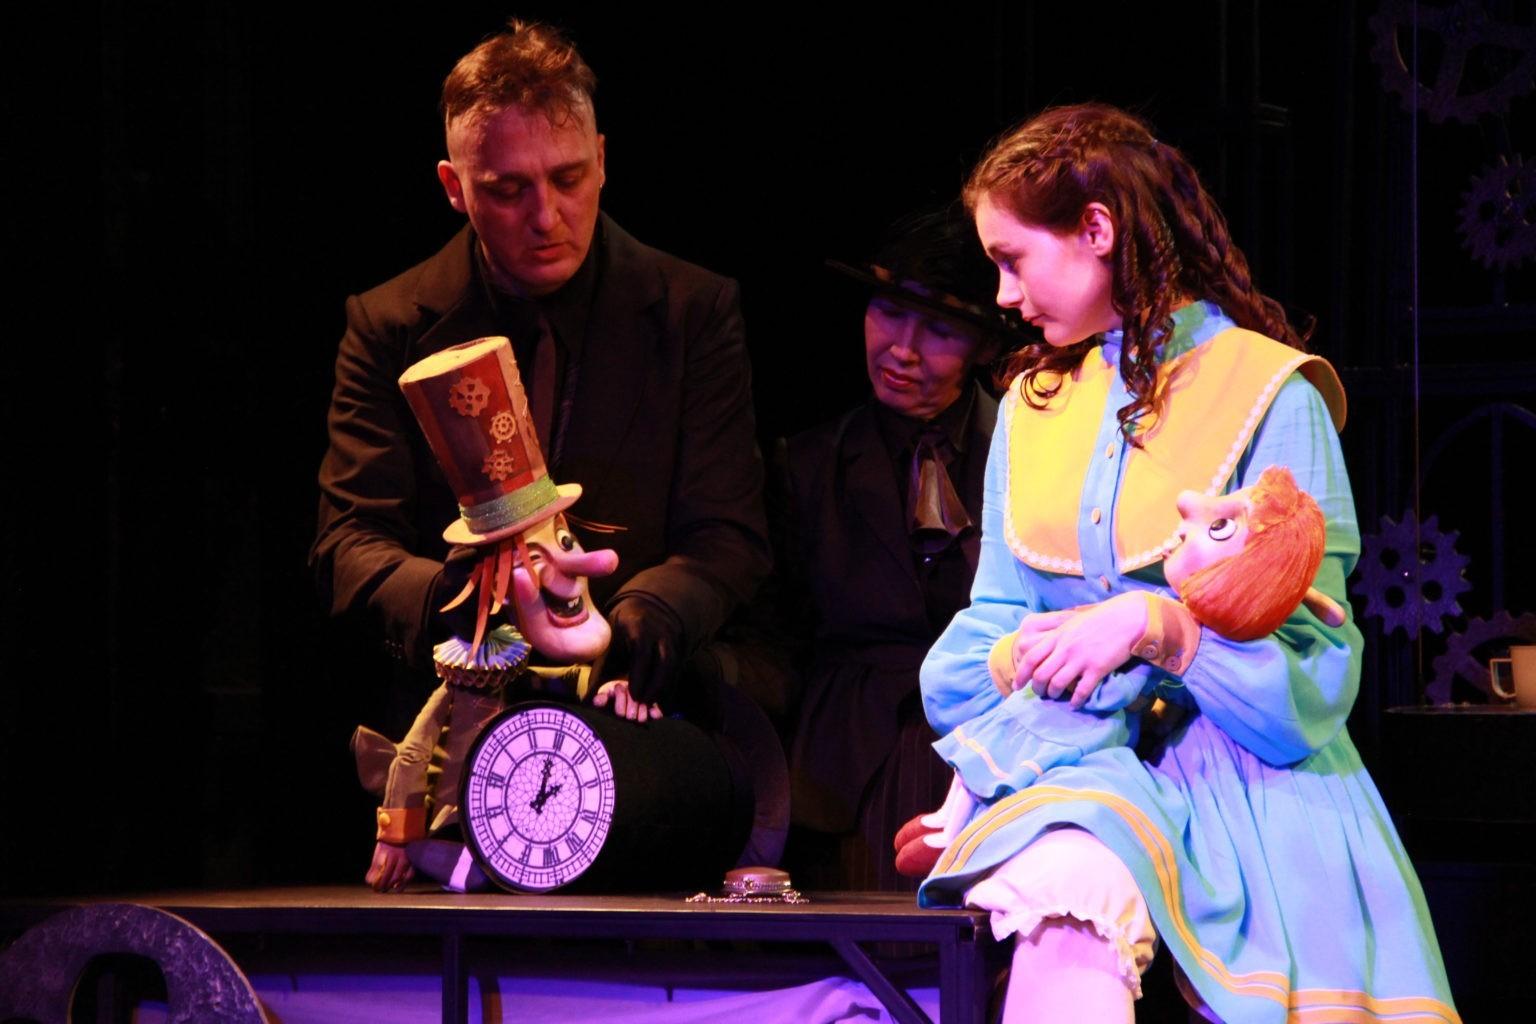 А. Ахмедов, Н. Синюкова (спектакль «Алиса в стране чудес»): фотография